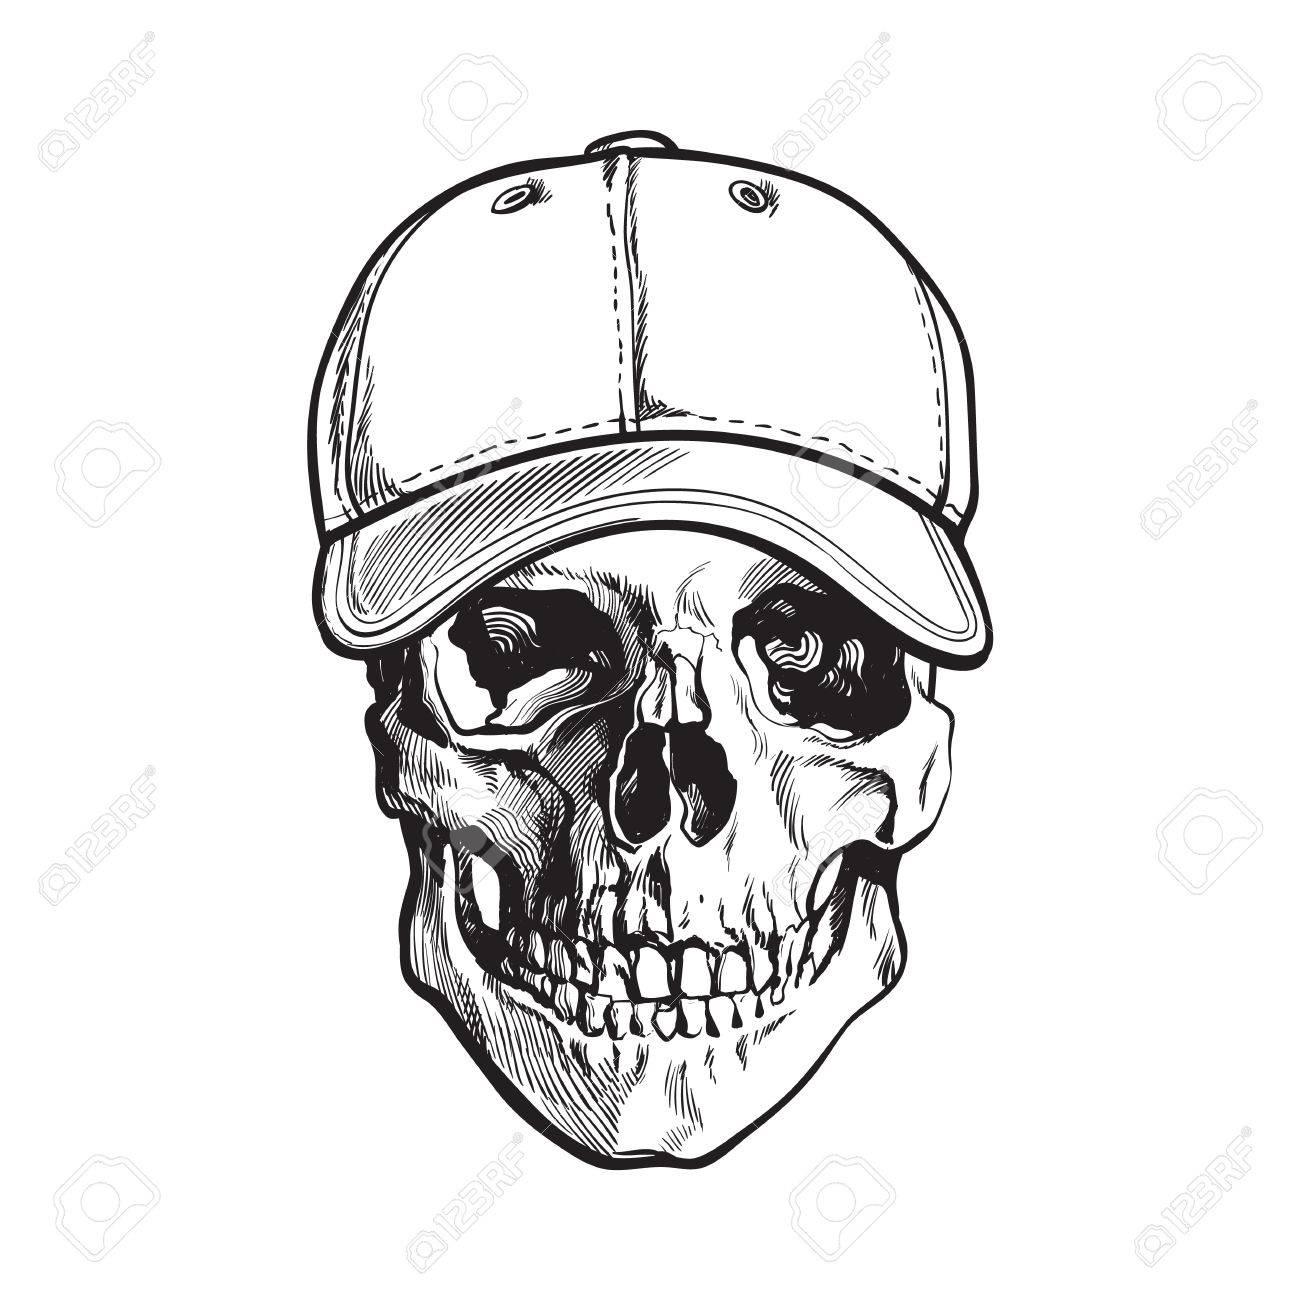 en ligne ici incroyable sélection recherche de liquidation Croquis humain dessiné à la main portant une casquette de baseball noir et  blanc non marquée, illustration vectorielle croquis isolée sur fond blanc.  ...